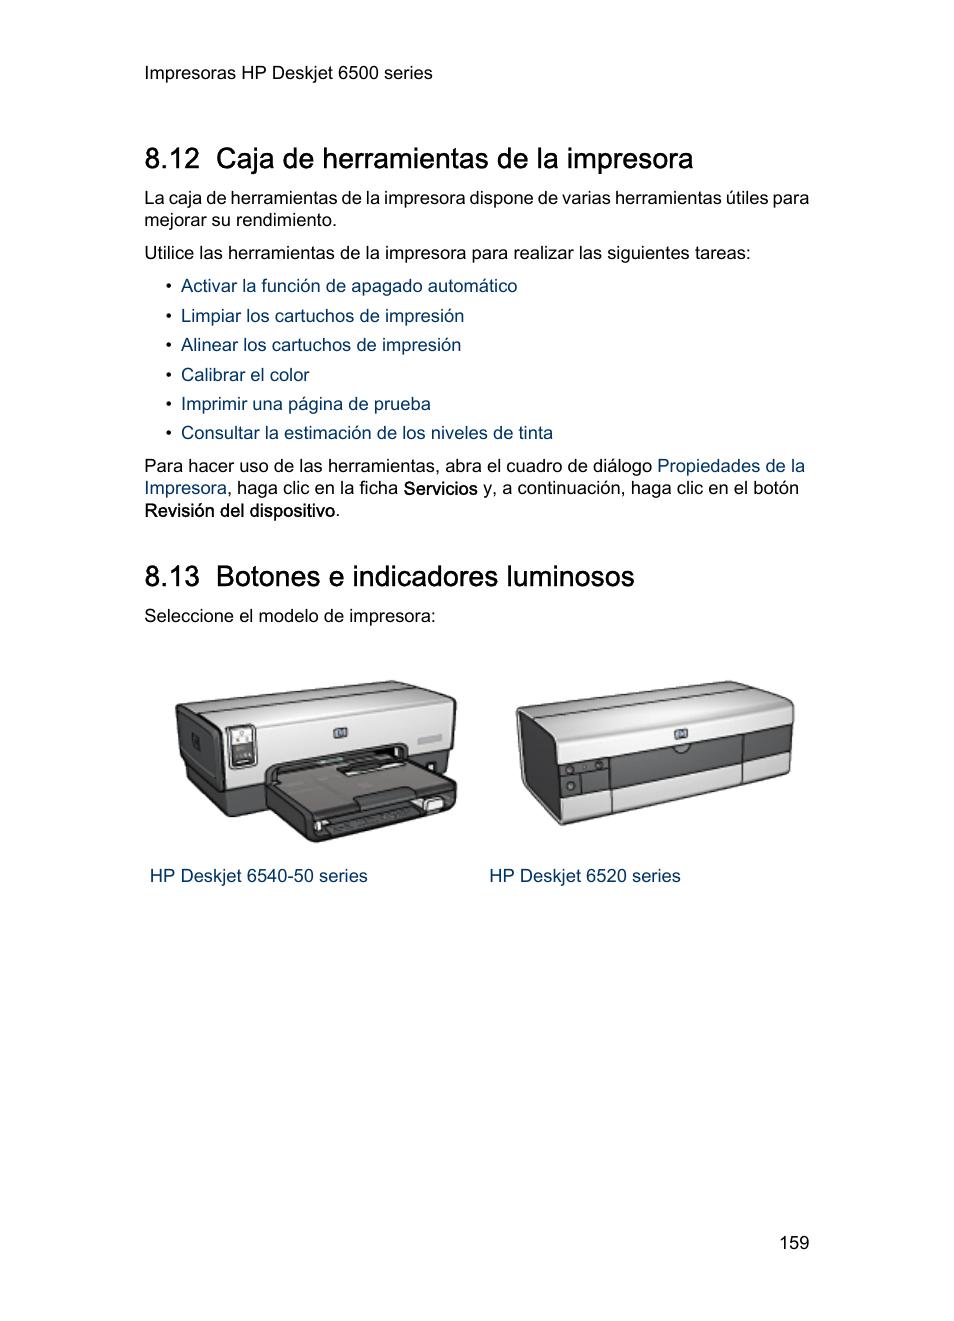 12 caja de herramientas de la impresora, 13 botones e indicadores ...